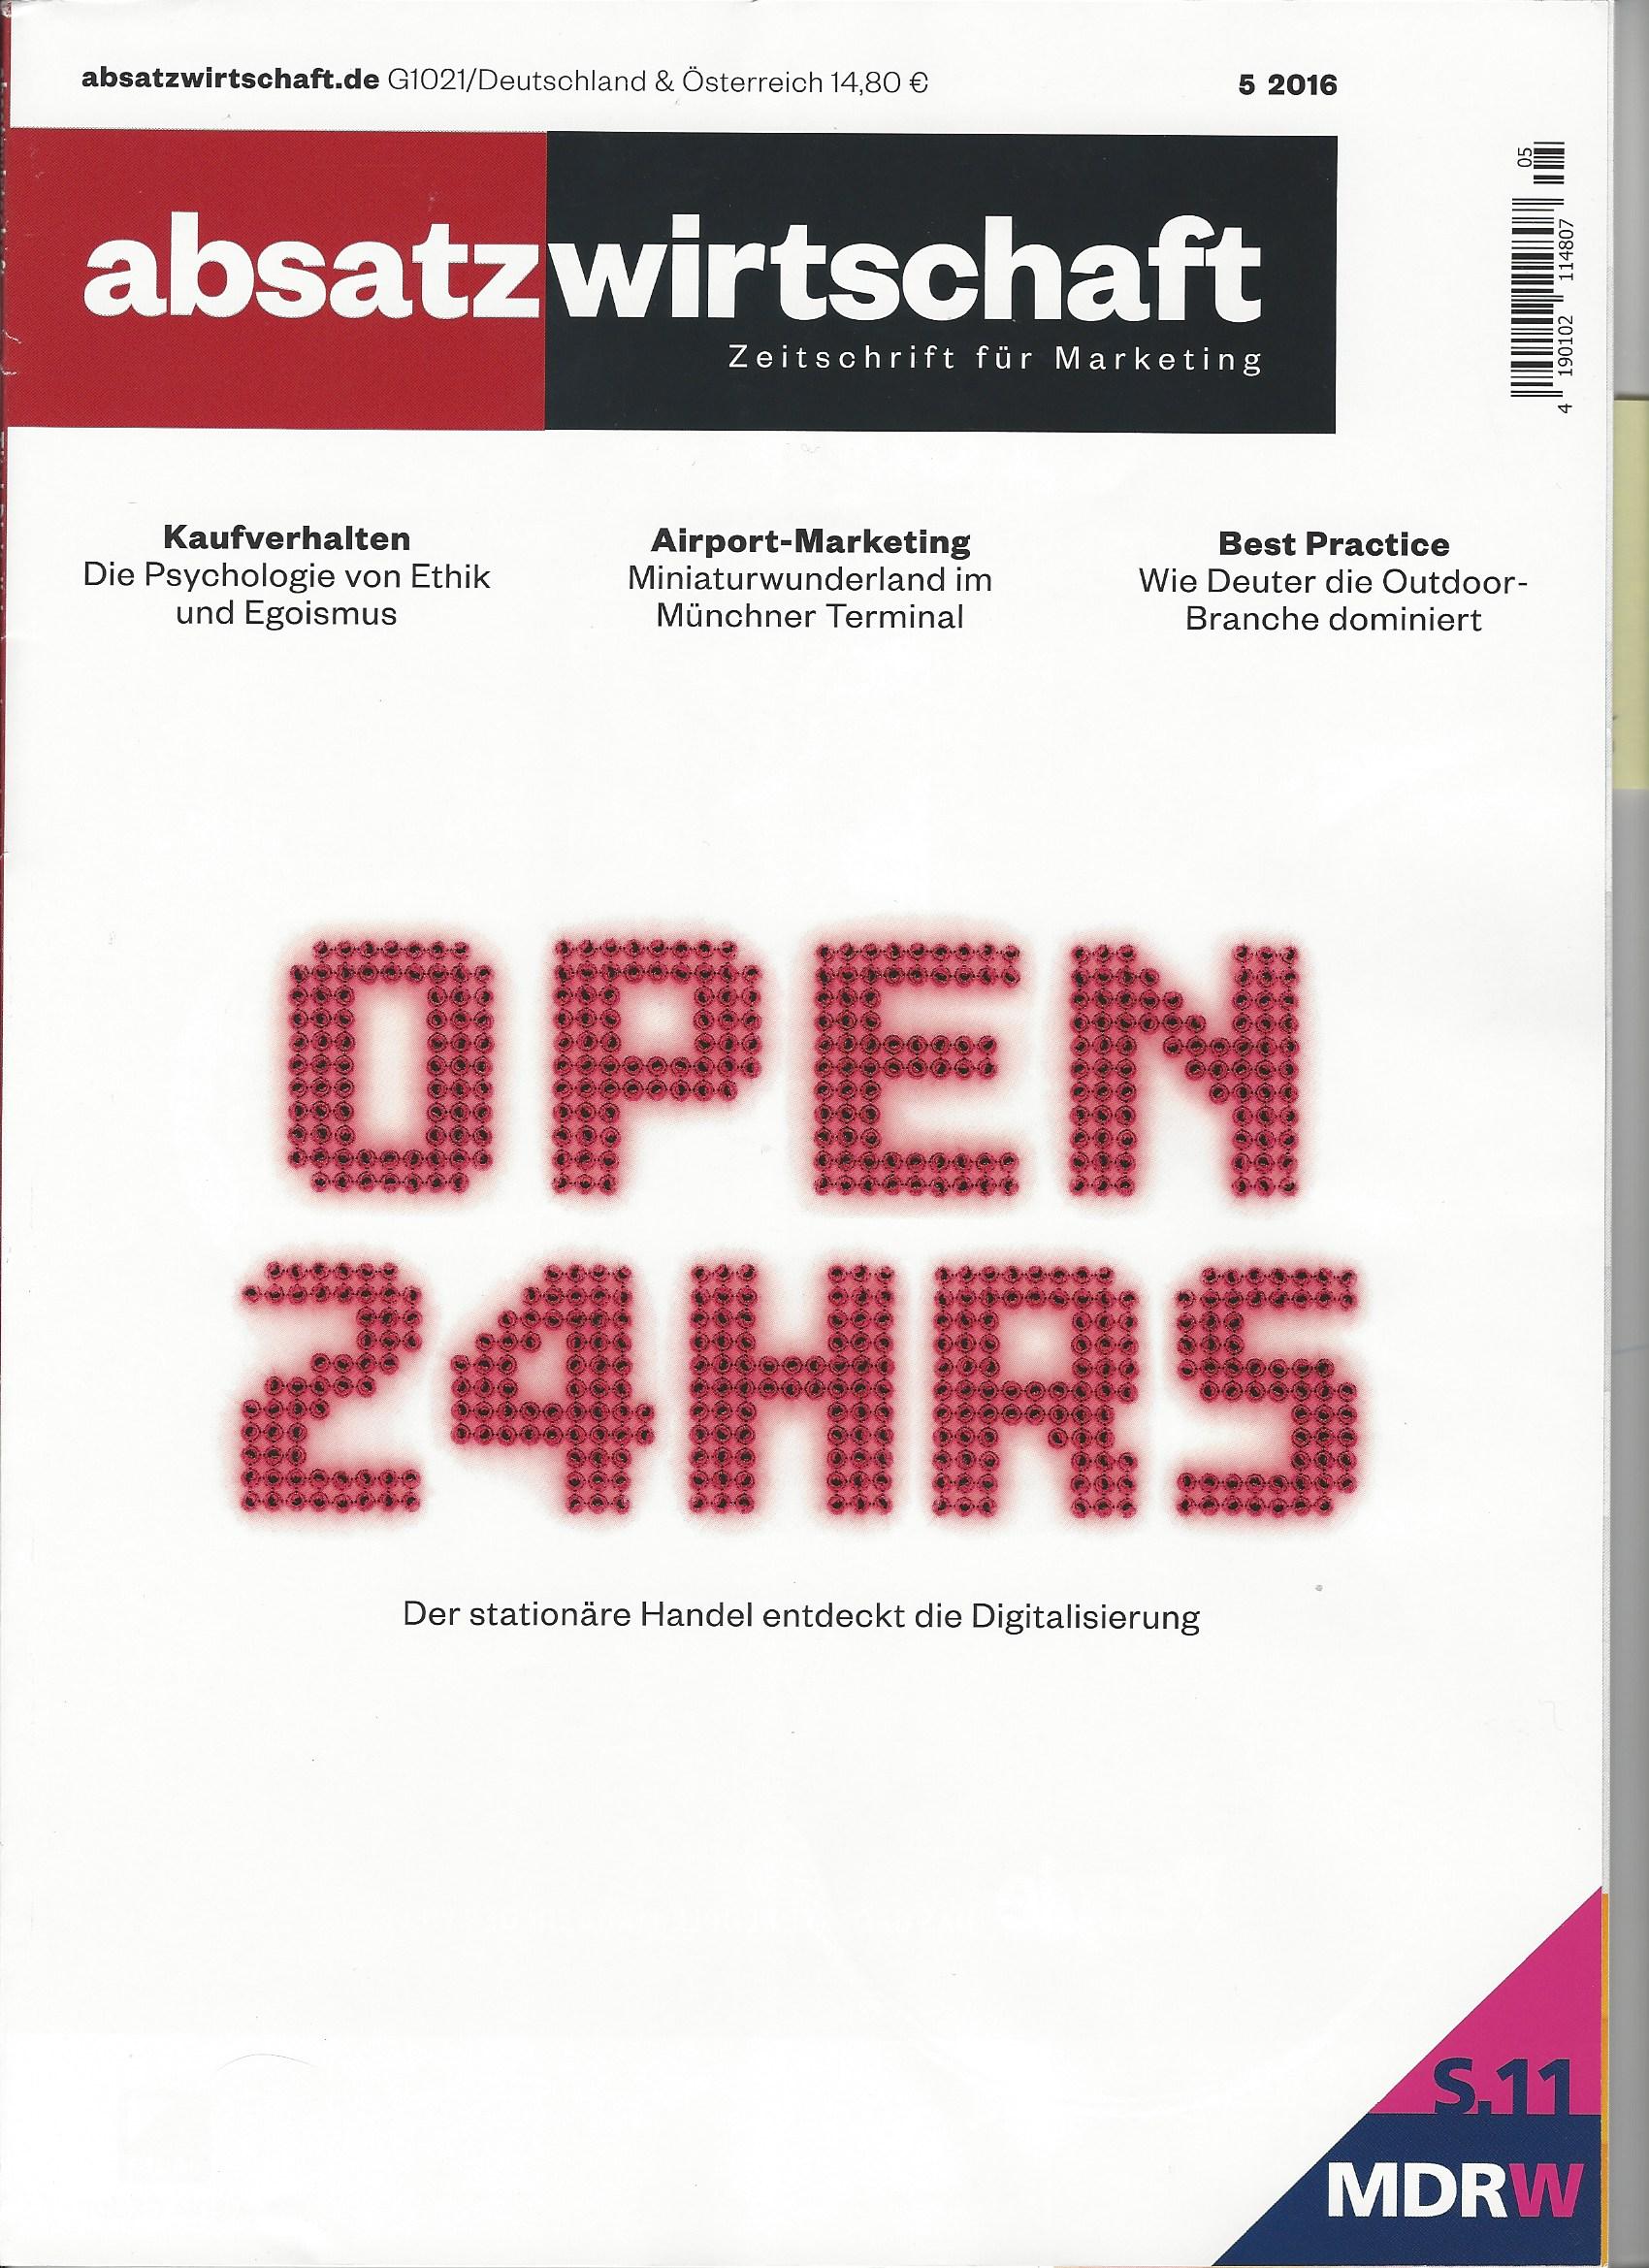 absatzwirtschaft zeitschrift für Marketing - Cover - 5 2016 - Roman Kmenta - Unternehmer und Keynote Speaker